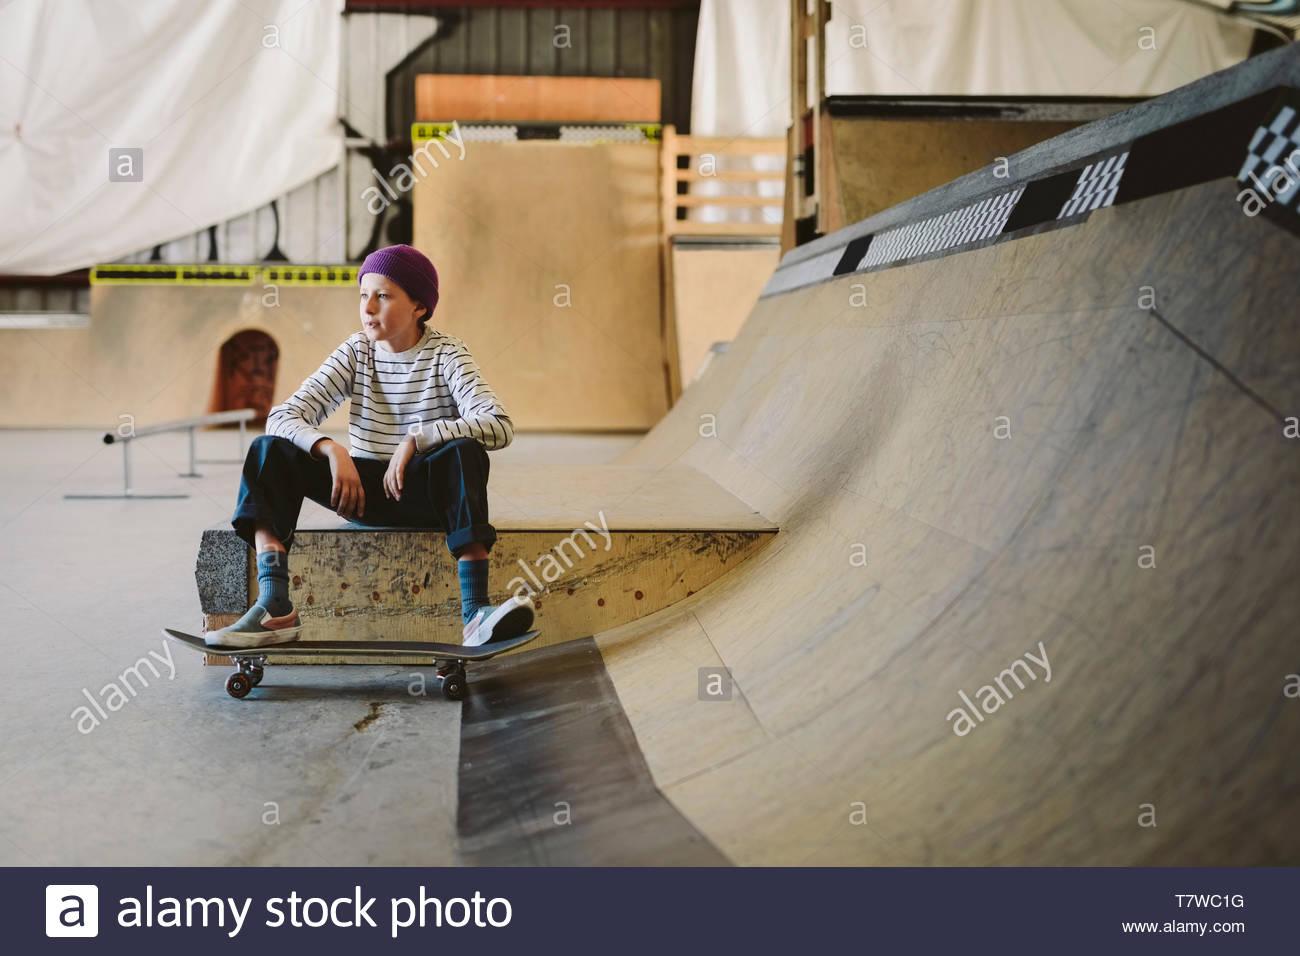 Adolescente con skateboard sentado en la rampa de skate park interior Imagen De Stock